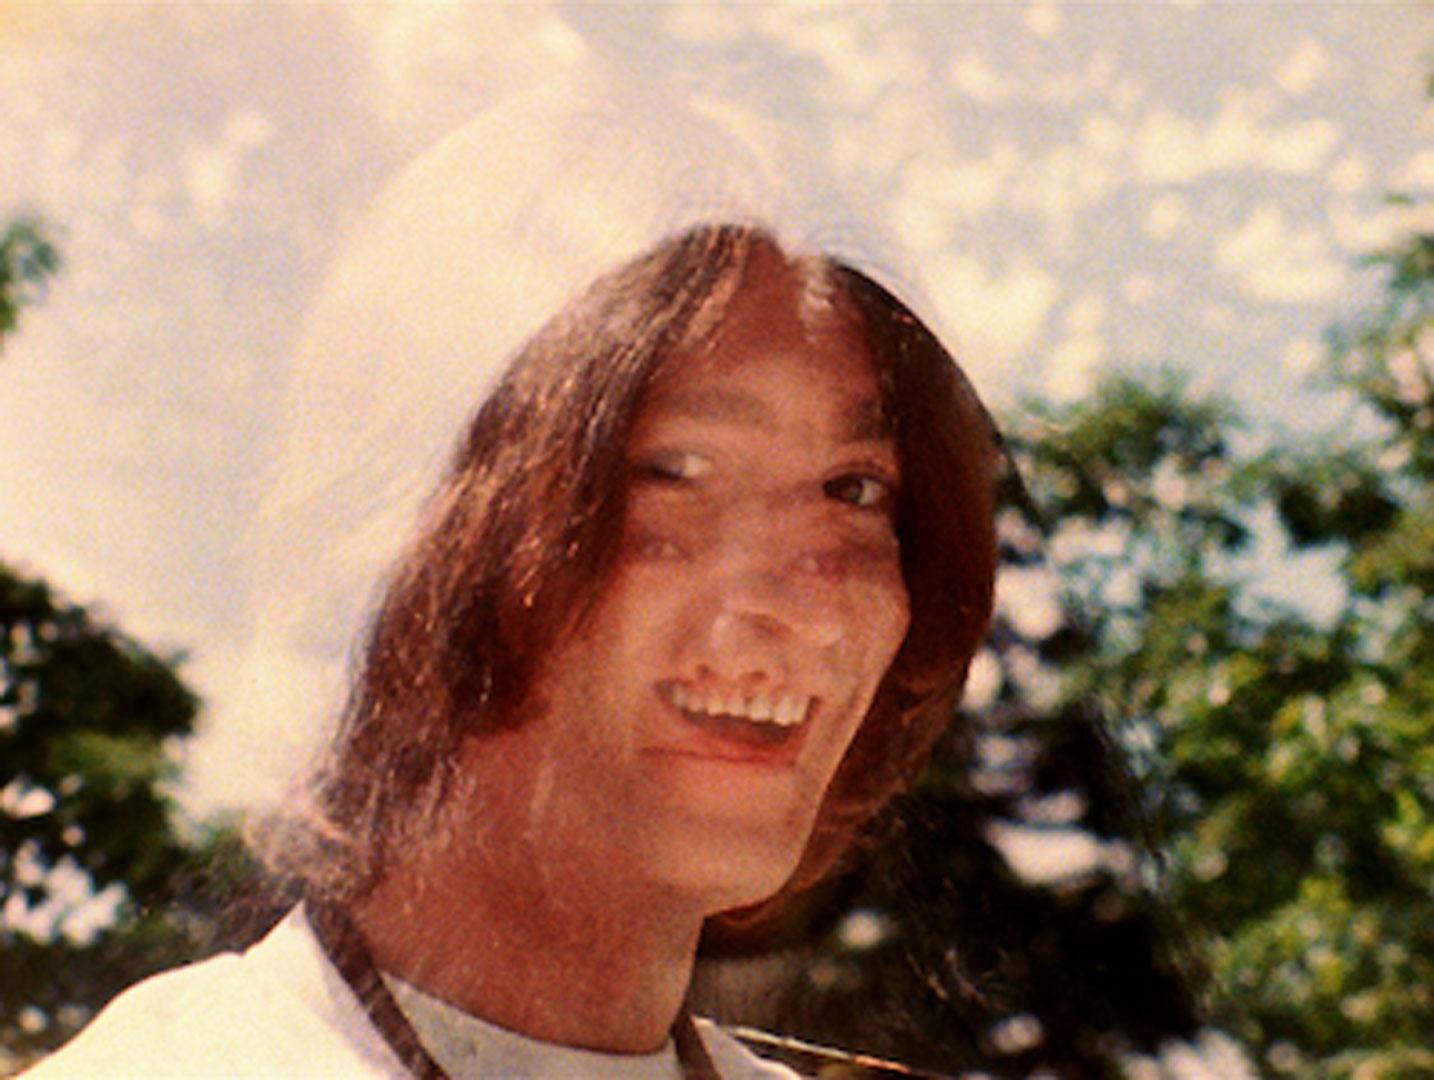 John Lennon & Yoko Ono, Two Virgins, 1968